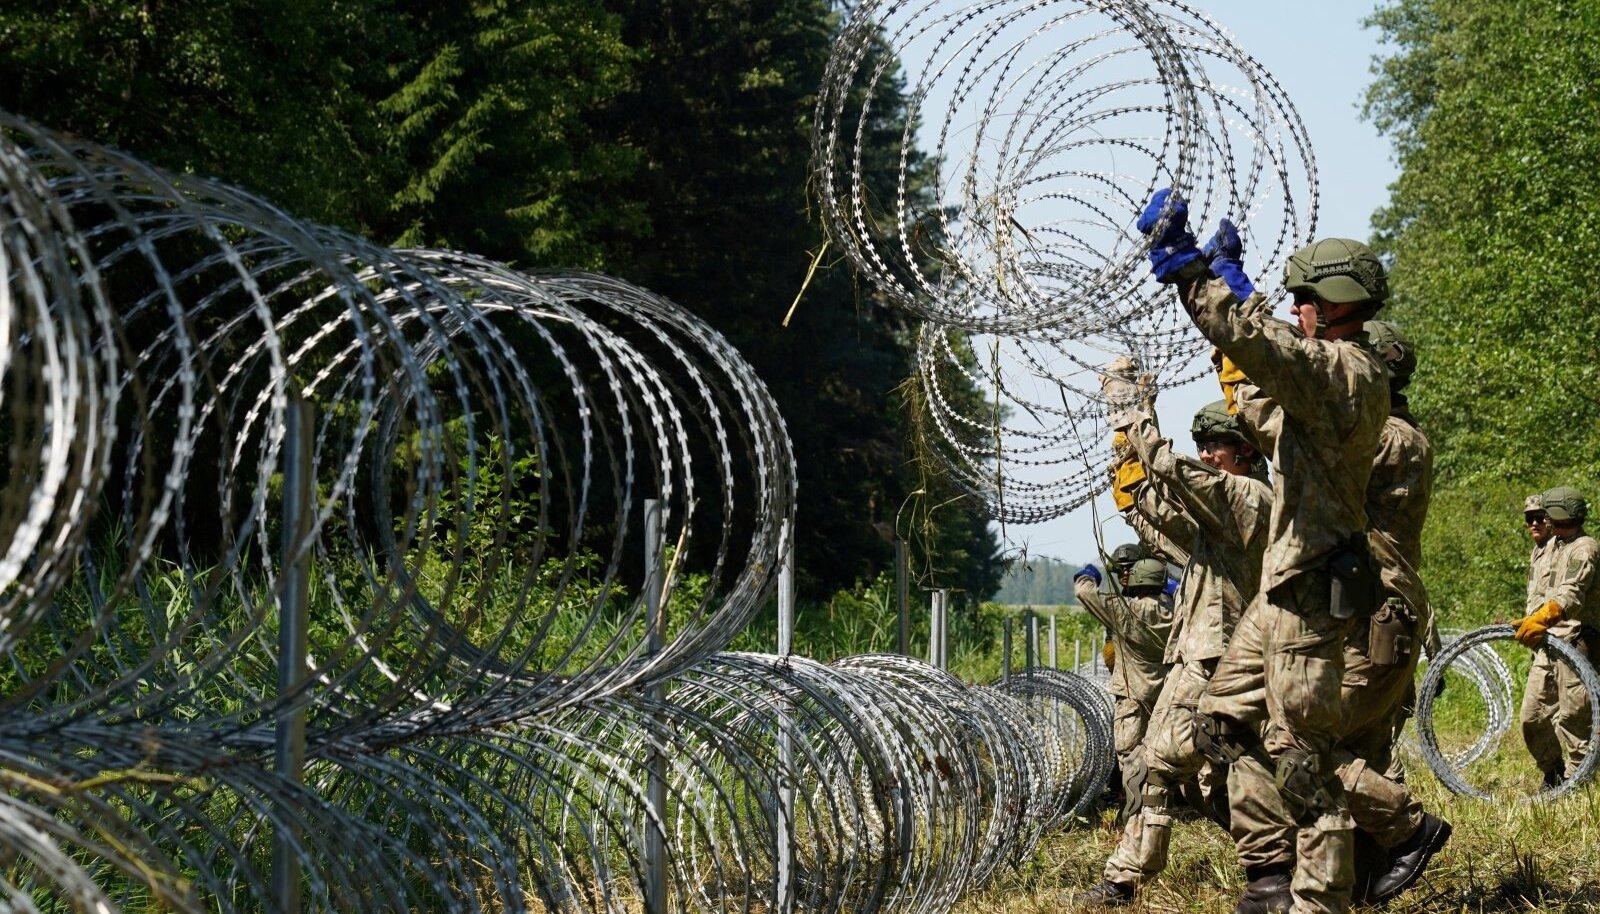 Leedu kaitseväelased saavad peagi õiguse piirialadel liikuvaid isikuid küsitleda, kinni pidada ja läbi otsida.